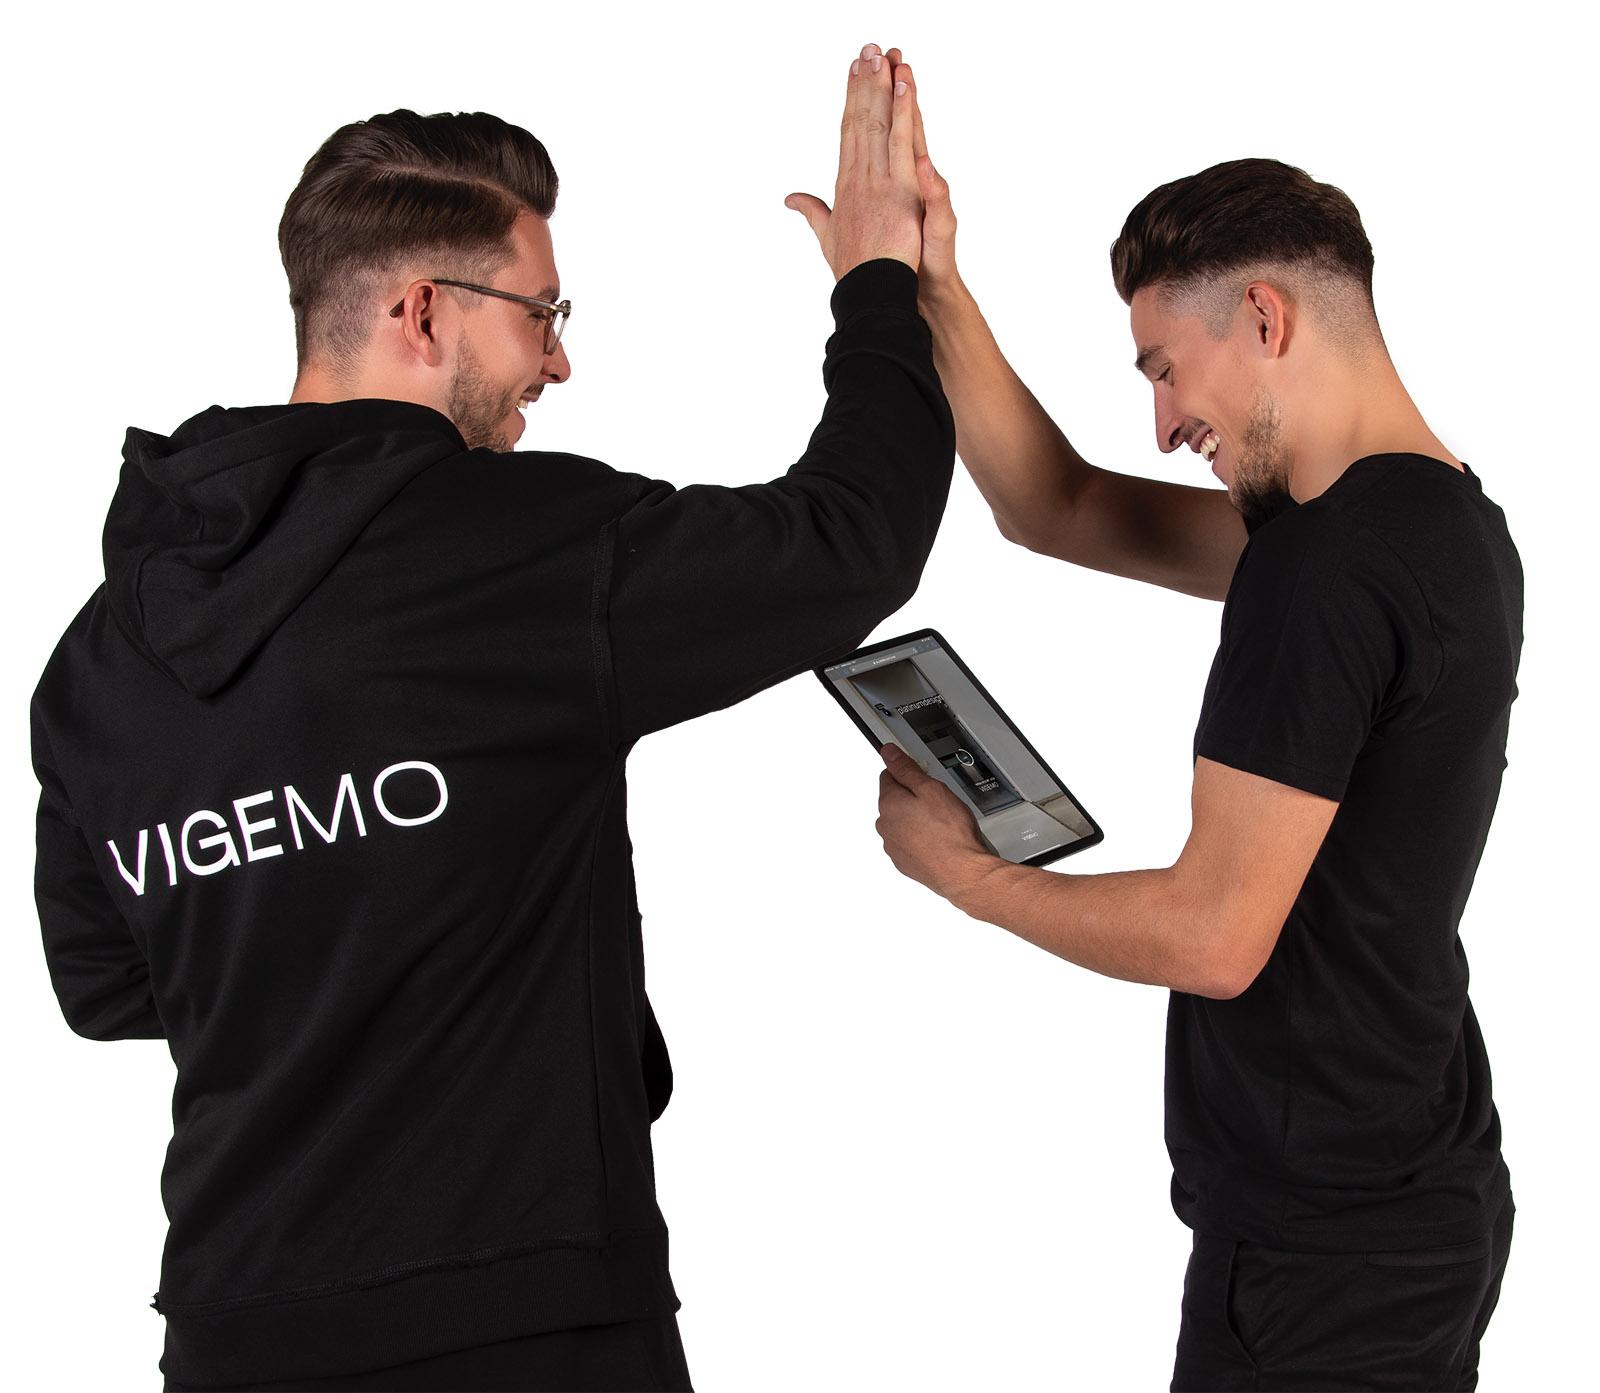 vigemo-leistungen-5-publizieren